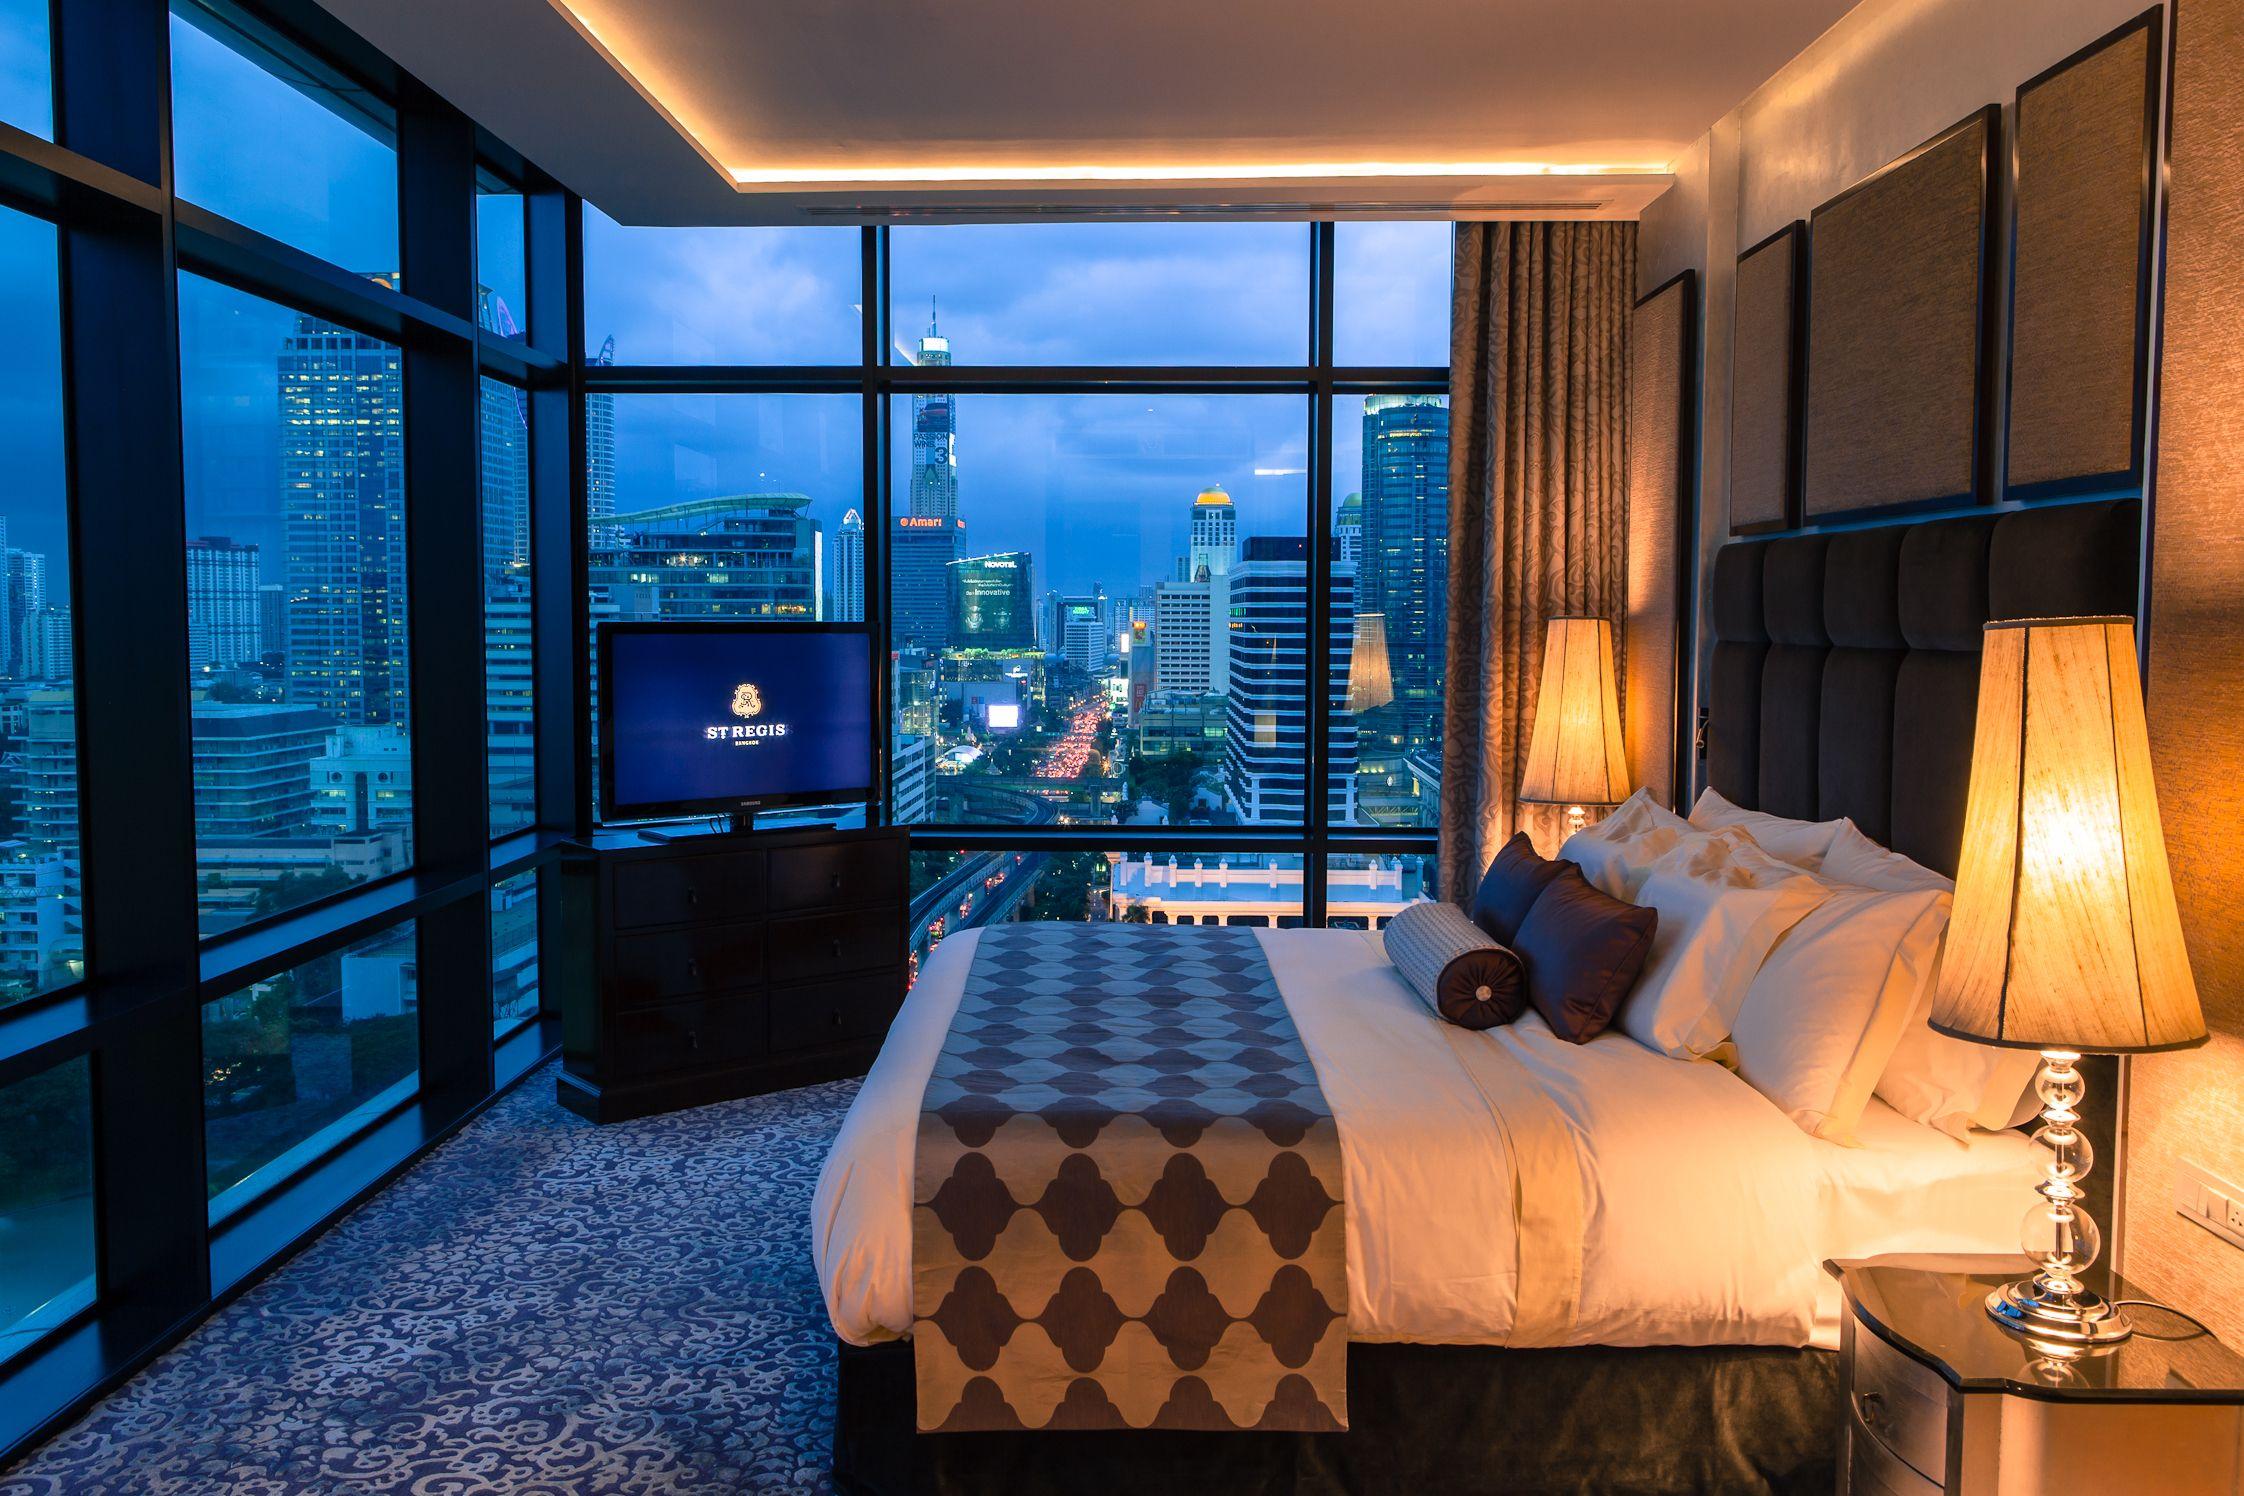 Caroline Astor Suite at St. Regis Bangkok http://travel.bart.la/2012/05/30/caroline-astor-suite-at-st-regis-bangkok/